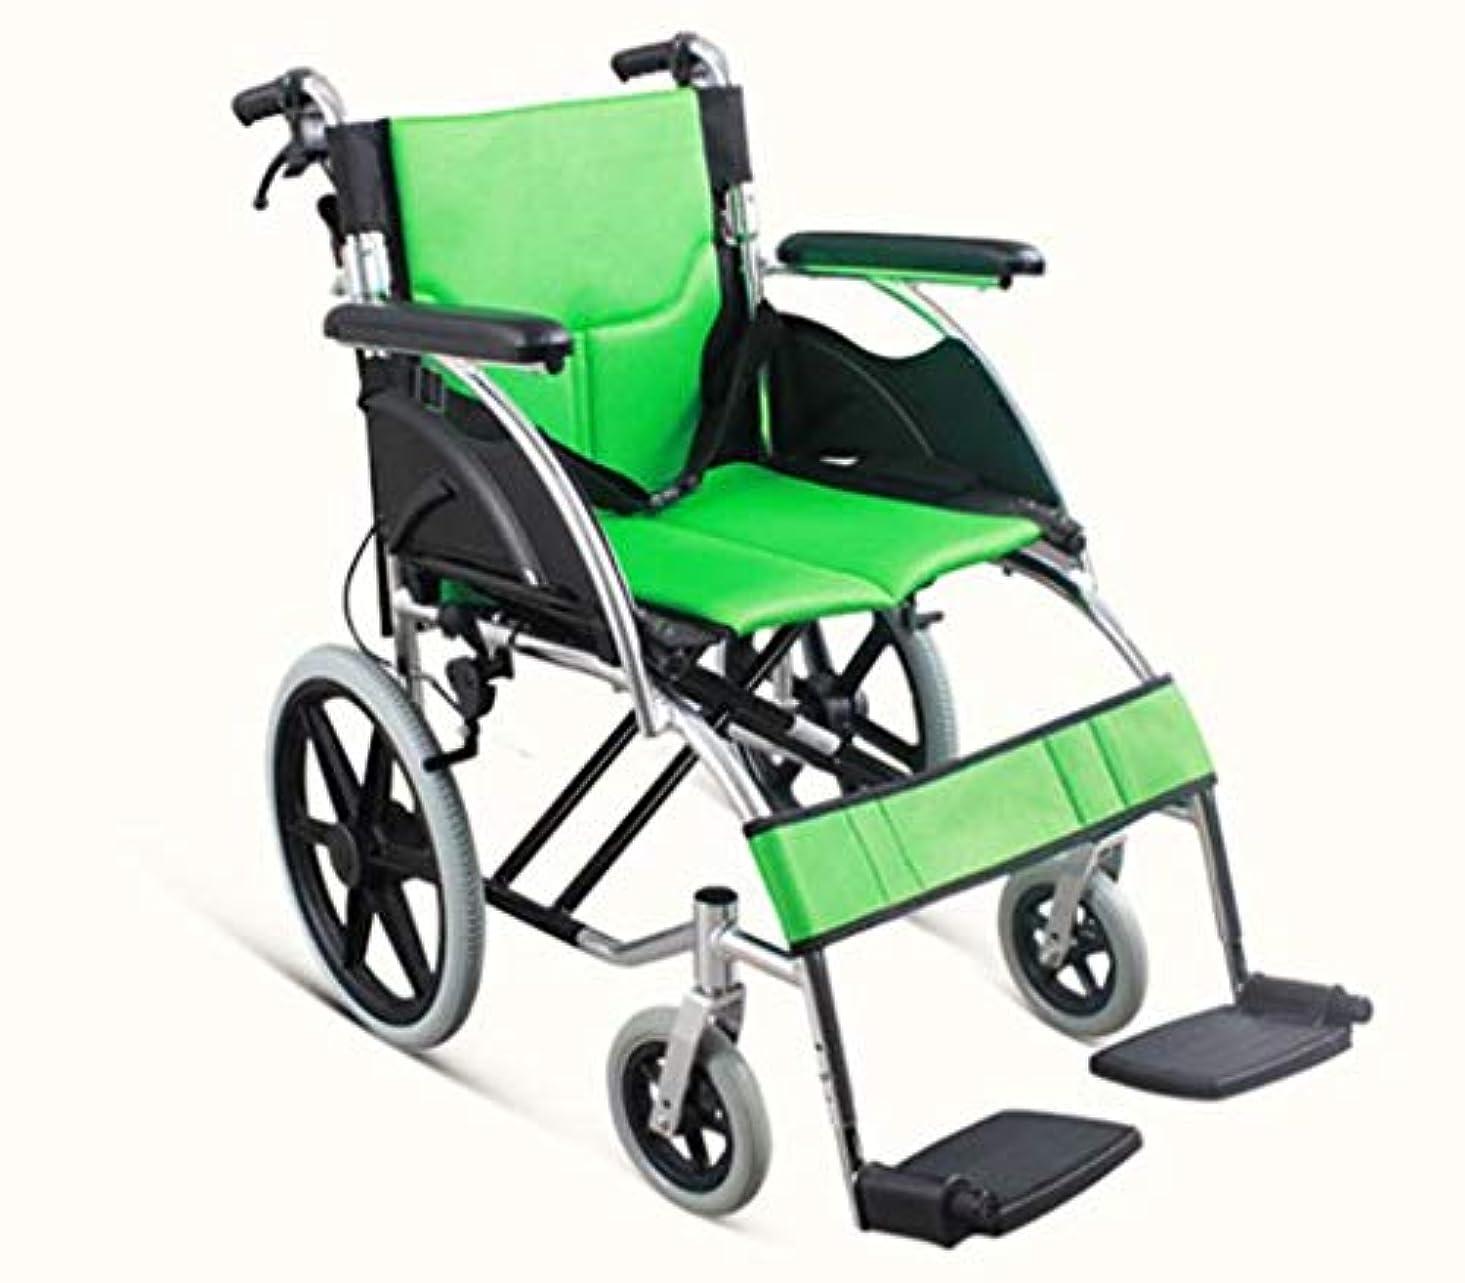 許容できるチャンバー苦情文句手動車椅子折りたたみ式、ポータブル車椅子高強度アルミニウム合金ブラケット、屋外旅行高齢者車椅子に適しています